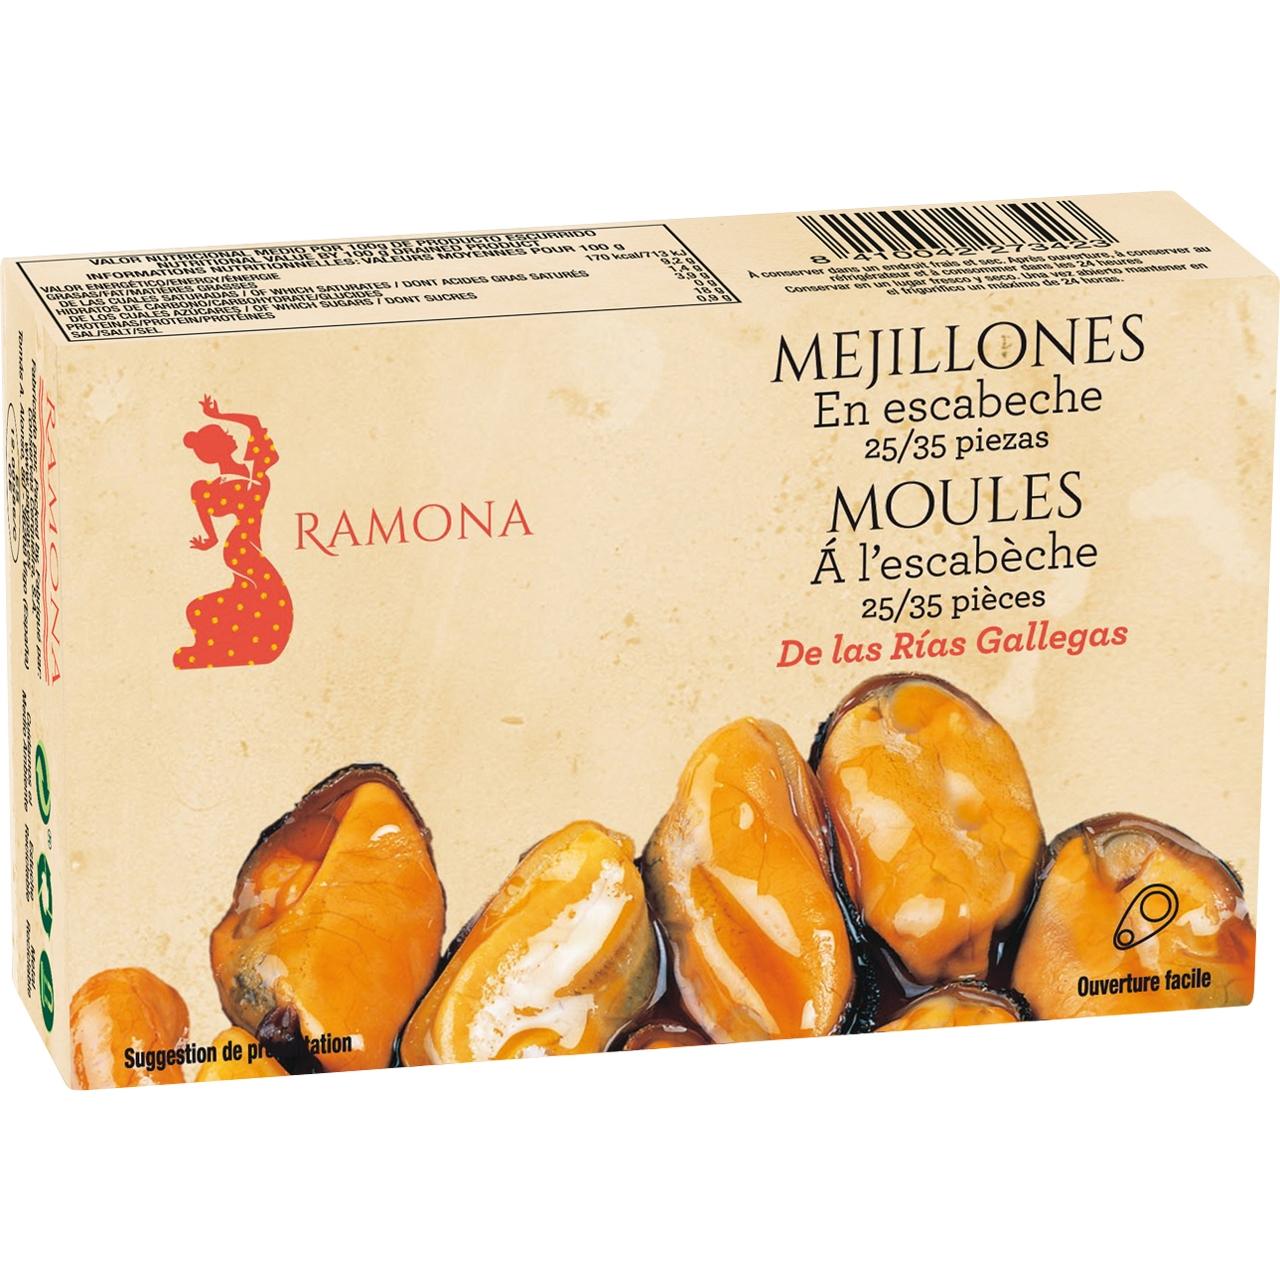 Mejillones en escabeche rias gallegas 25/35 OL 120 F.O. Ramona